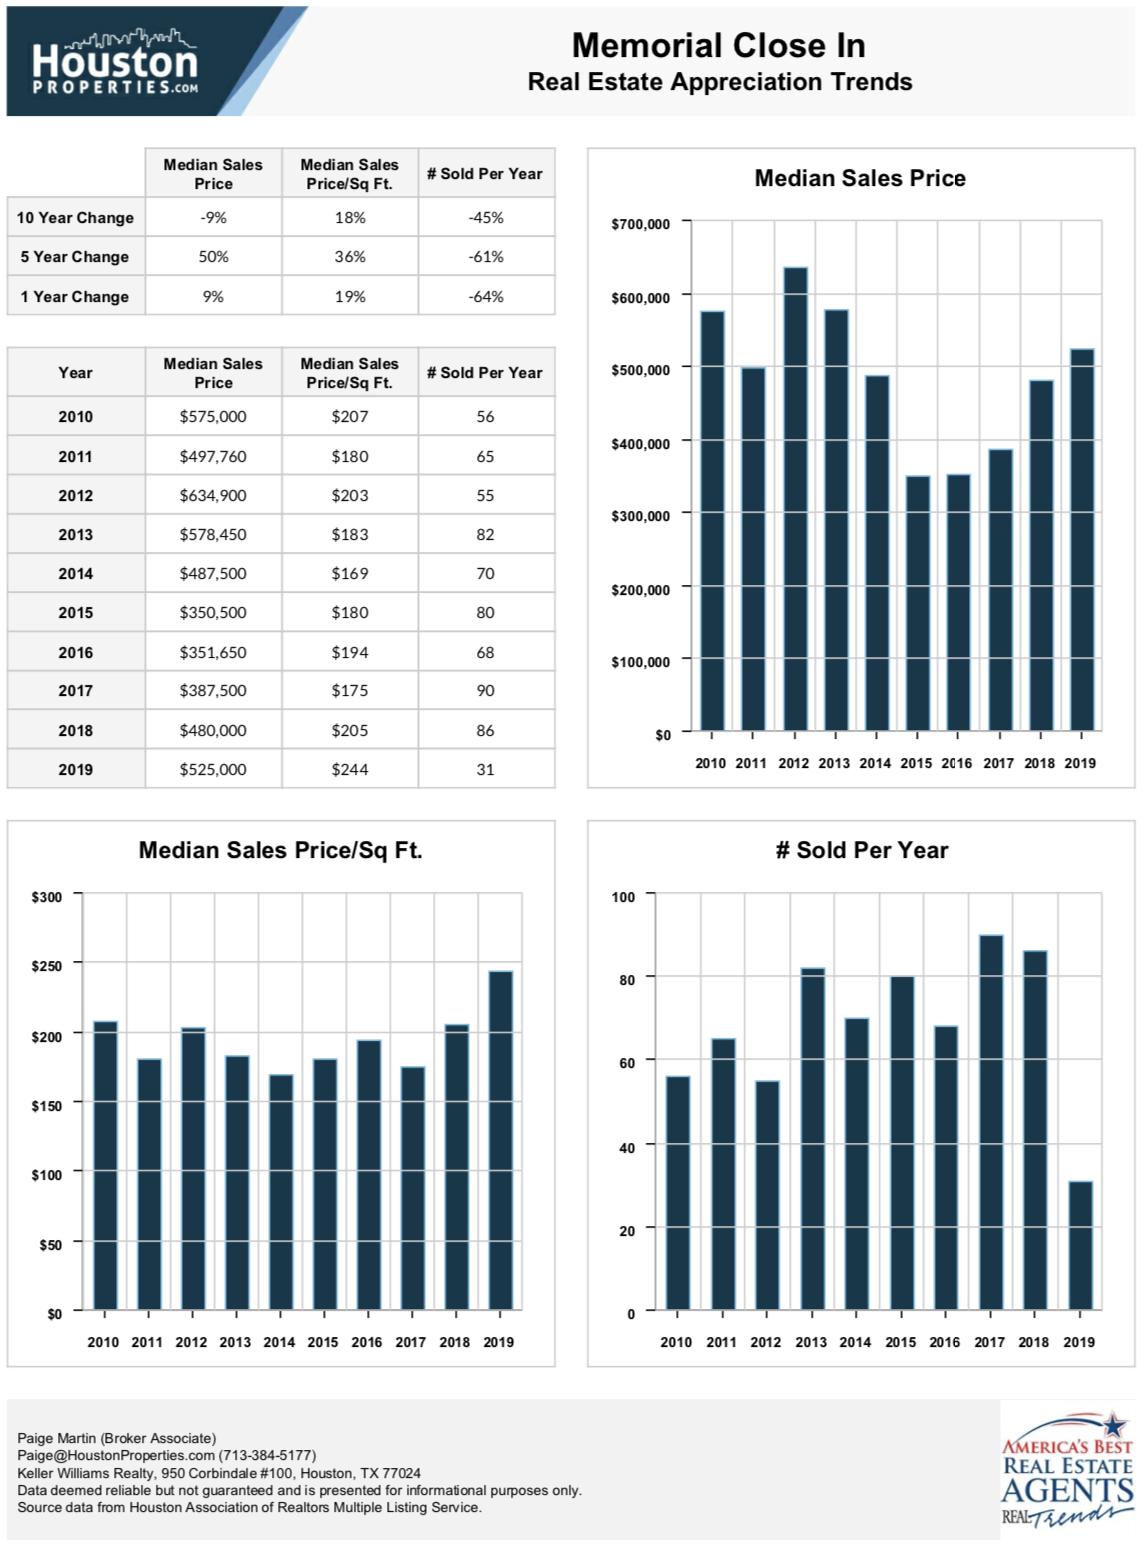 Memorial 10 Year Real Estate Appreciation Rates